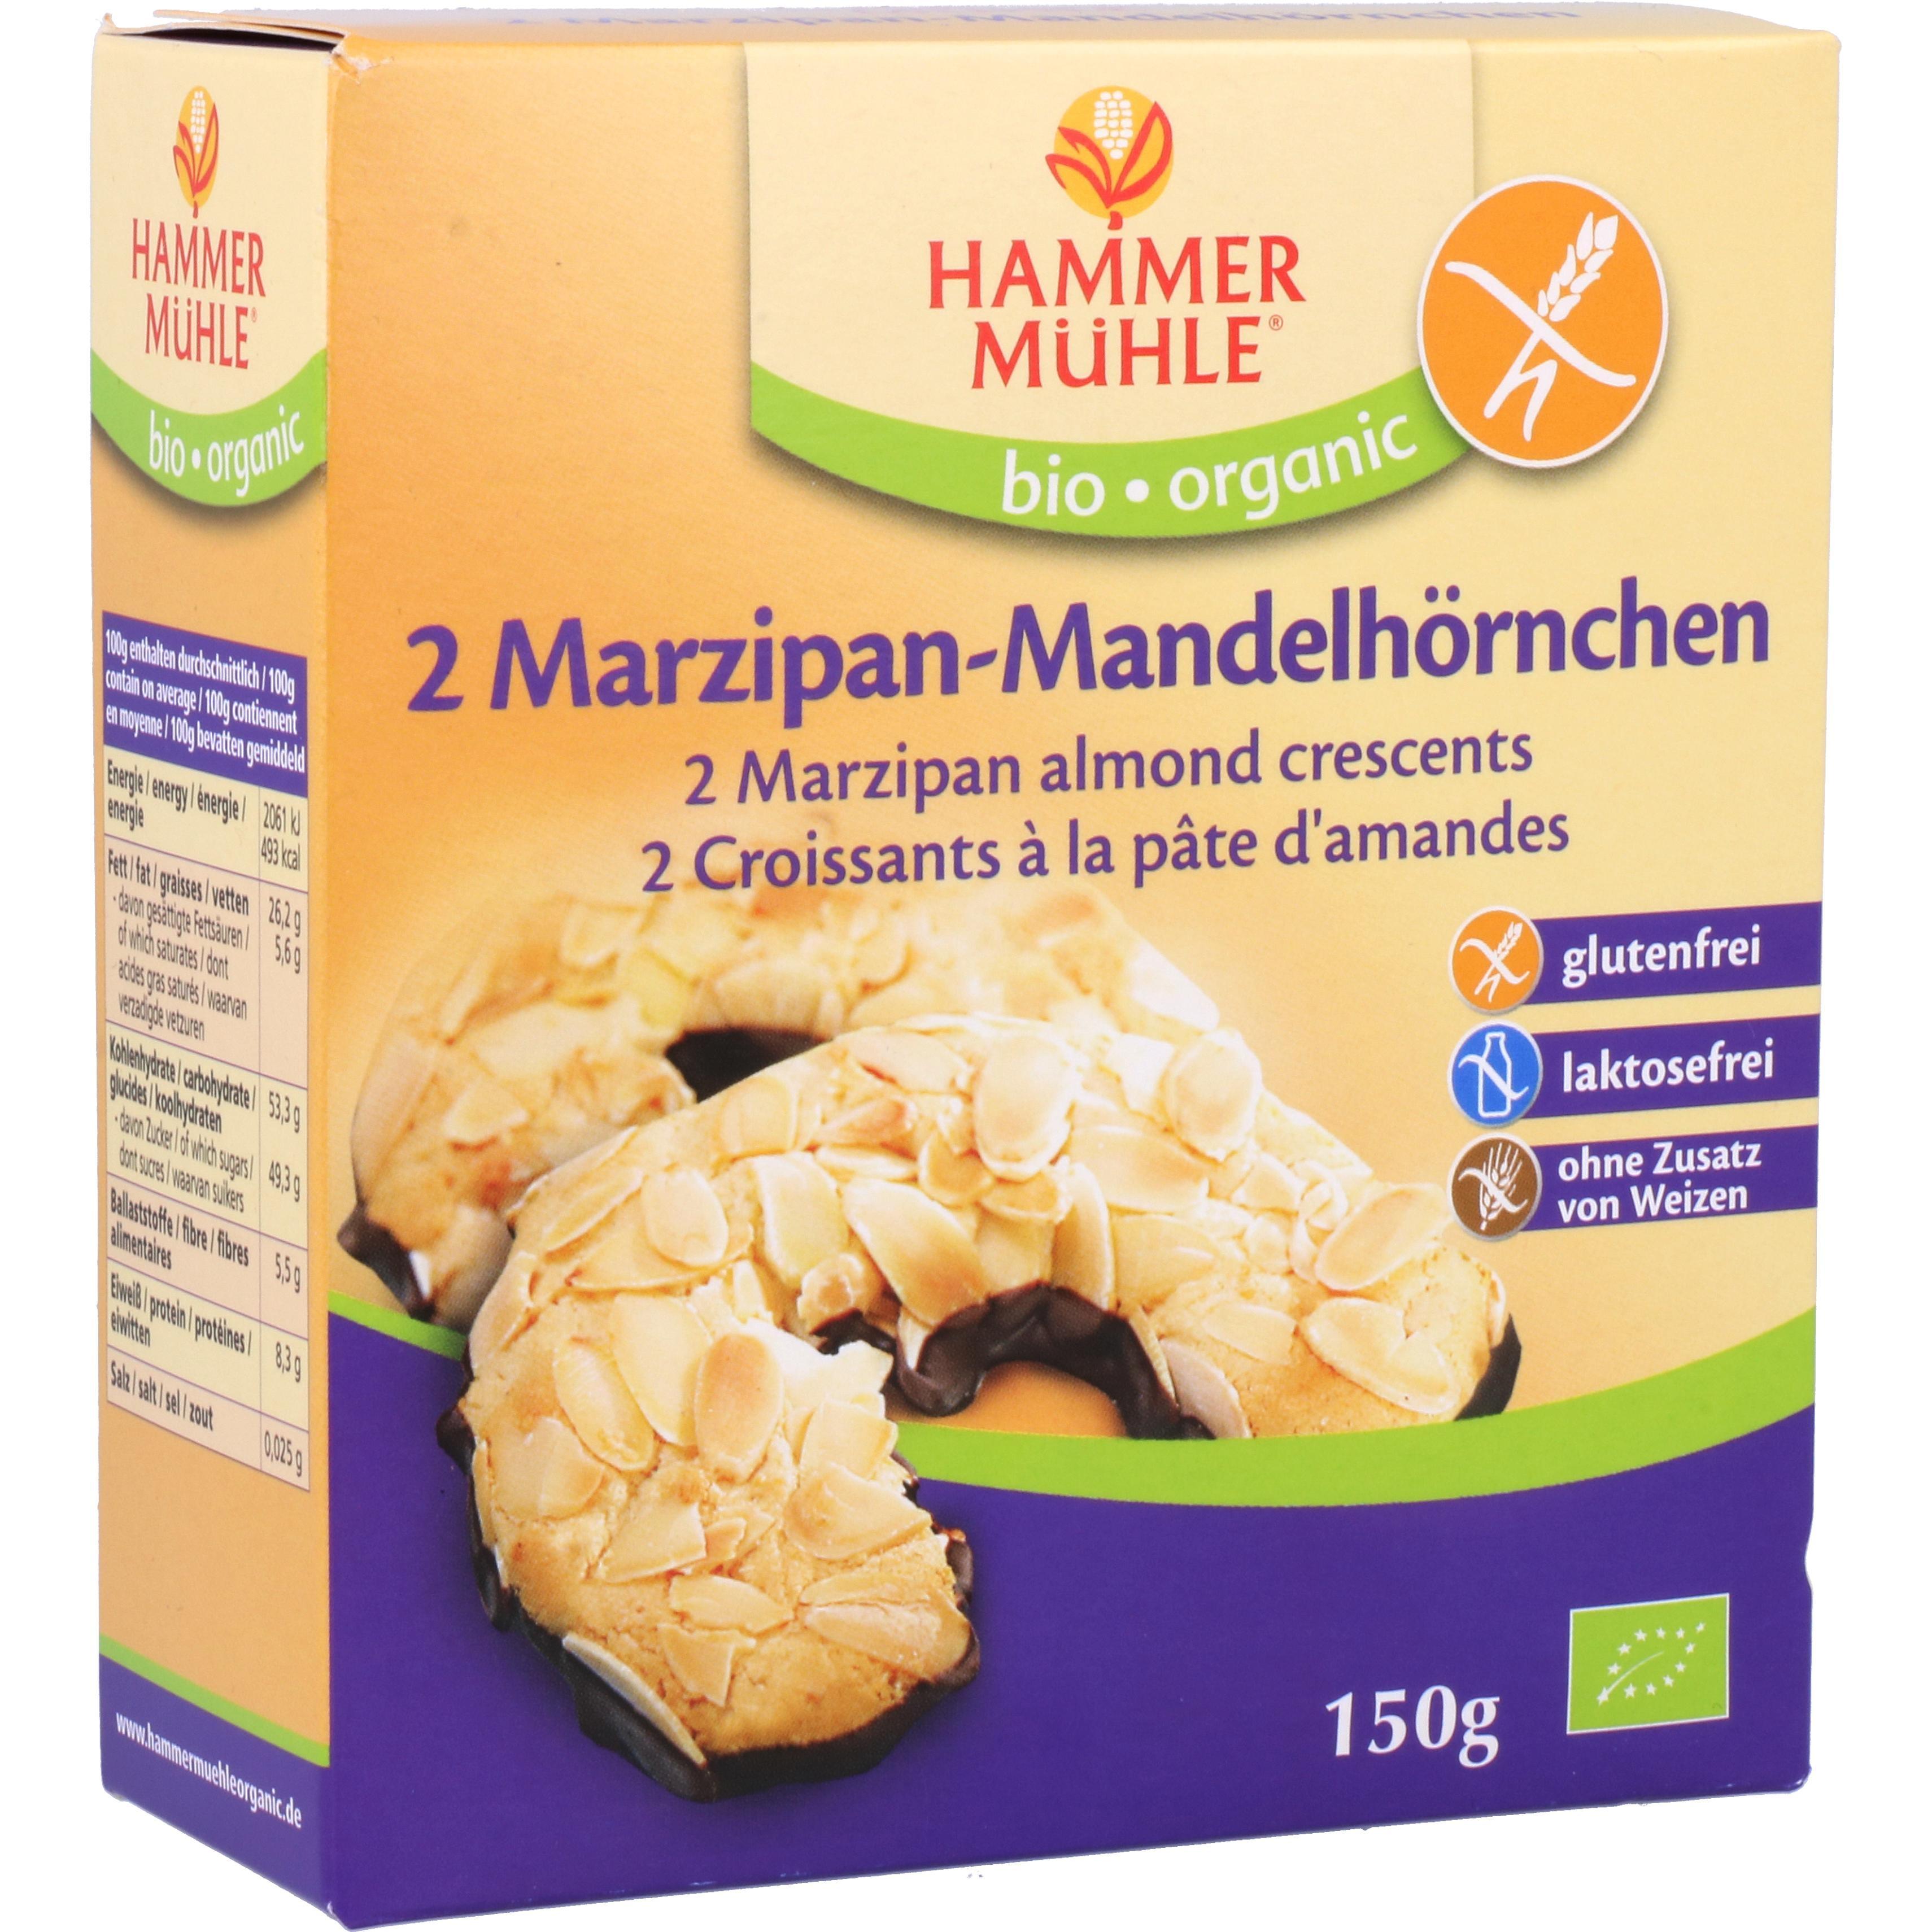 Hammermühle Organic Bio 2 Mandelhörnchen mit Marzipan 150g